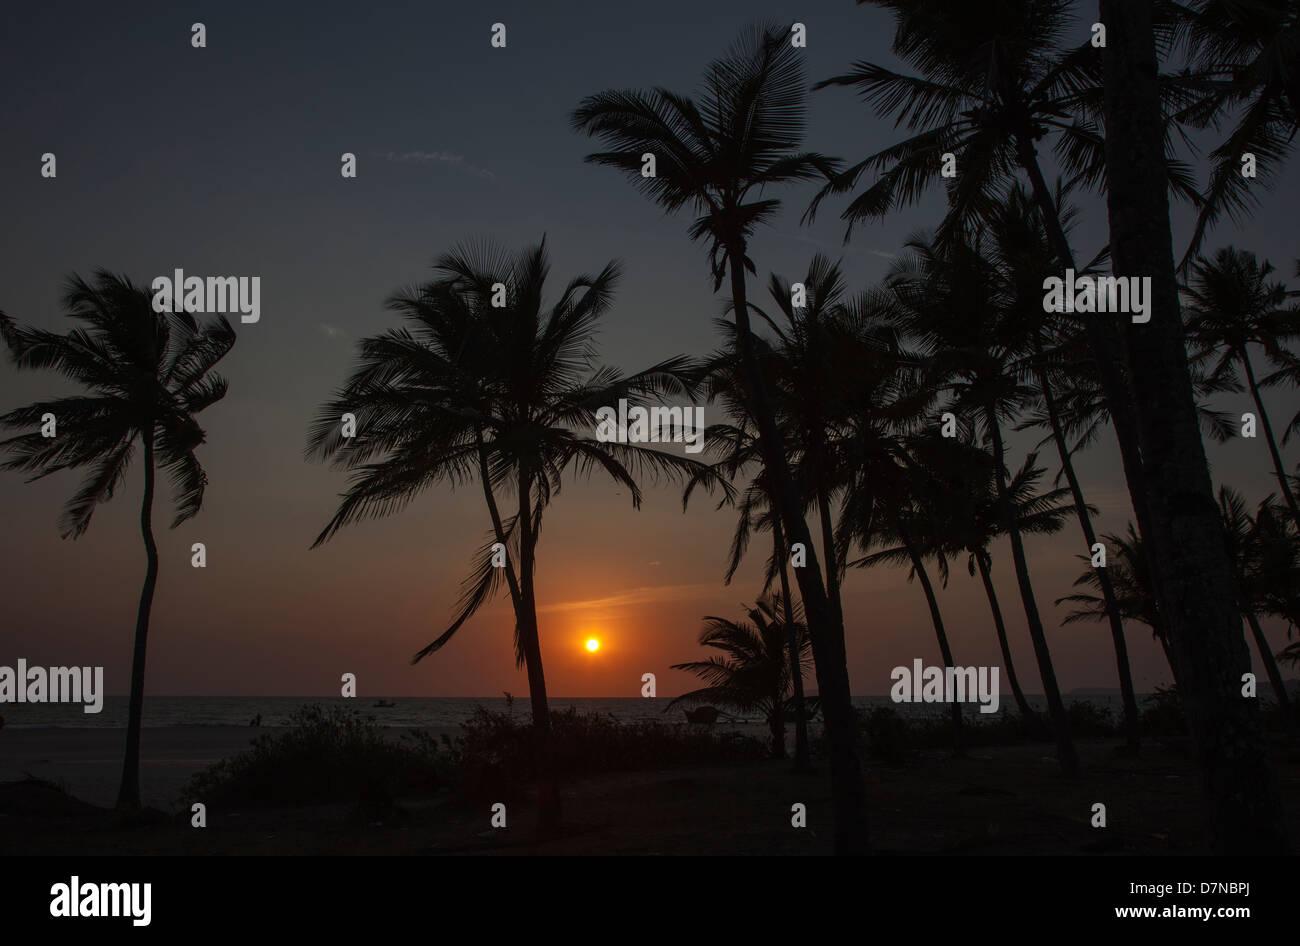 Un tramonto visto attraverso le palme sul Mare Arabico, Arossim Beach, a sud di Goa, India. Immagini Stock